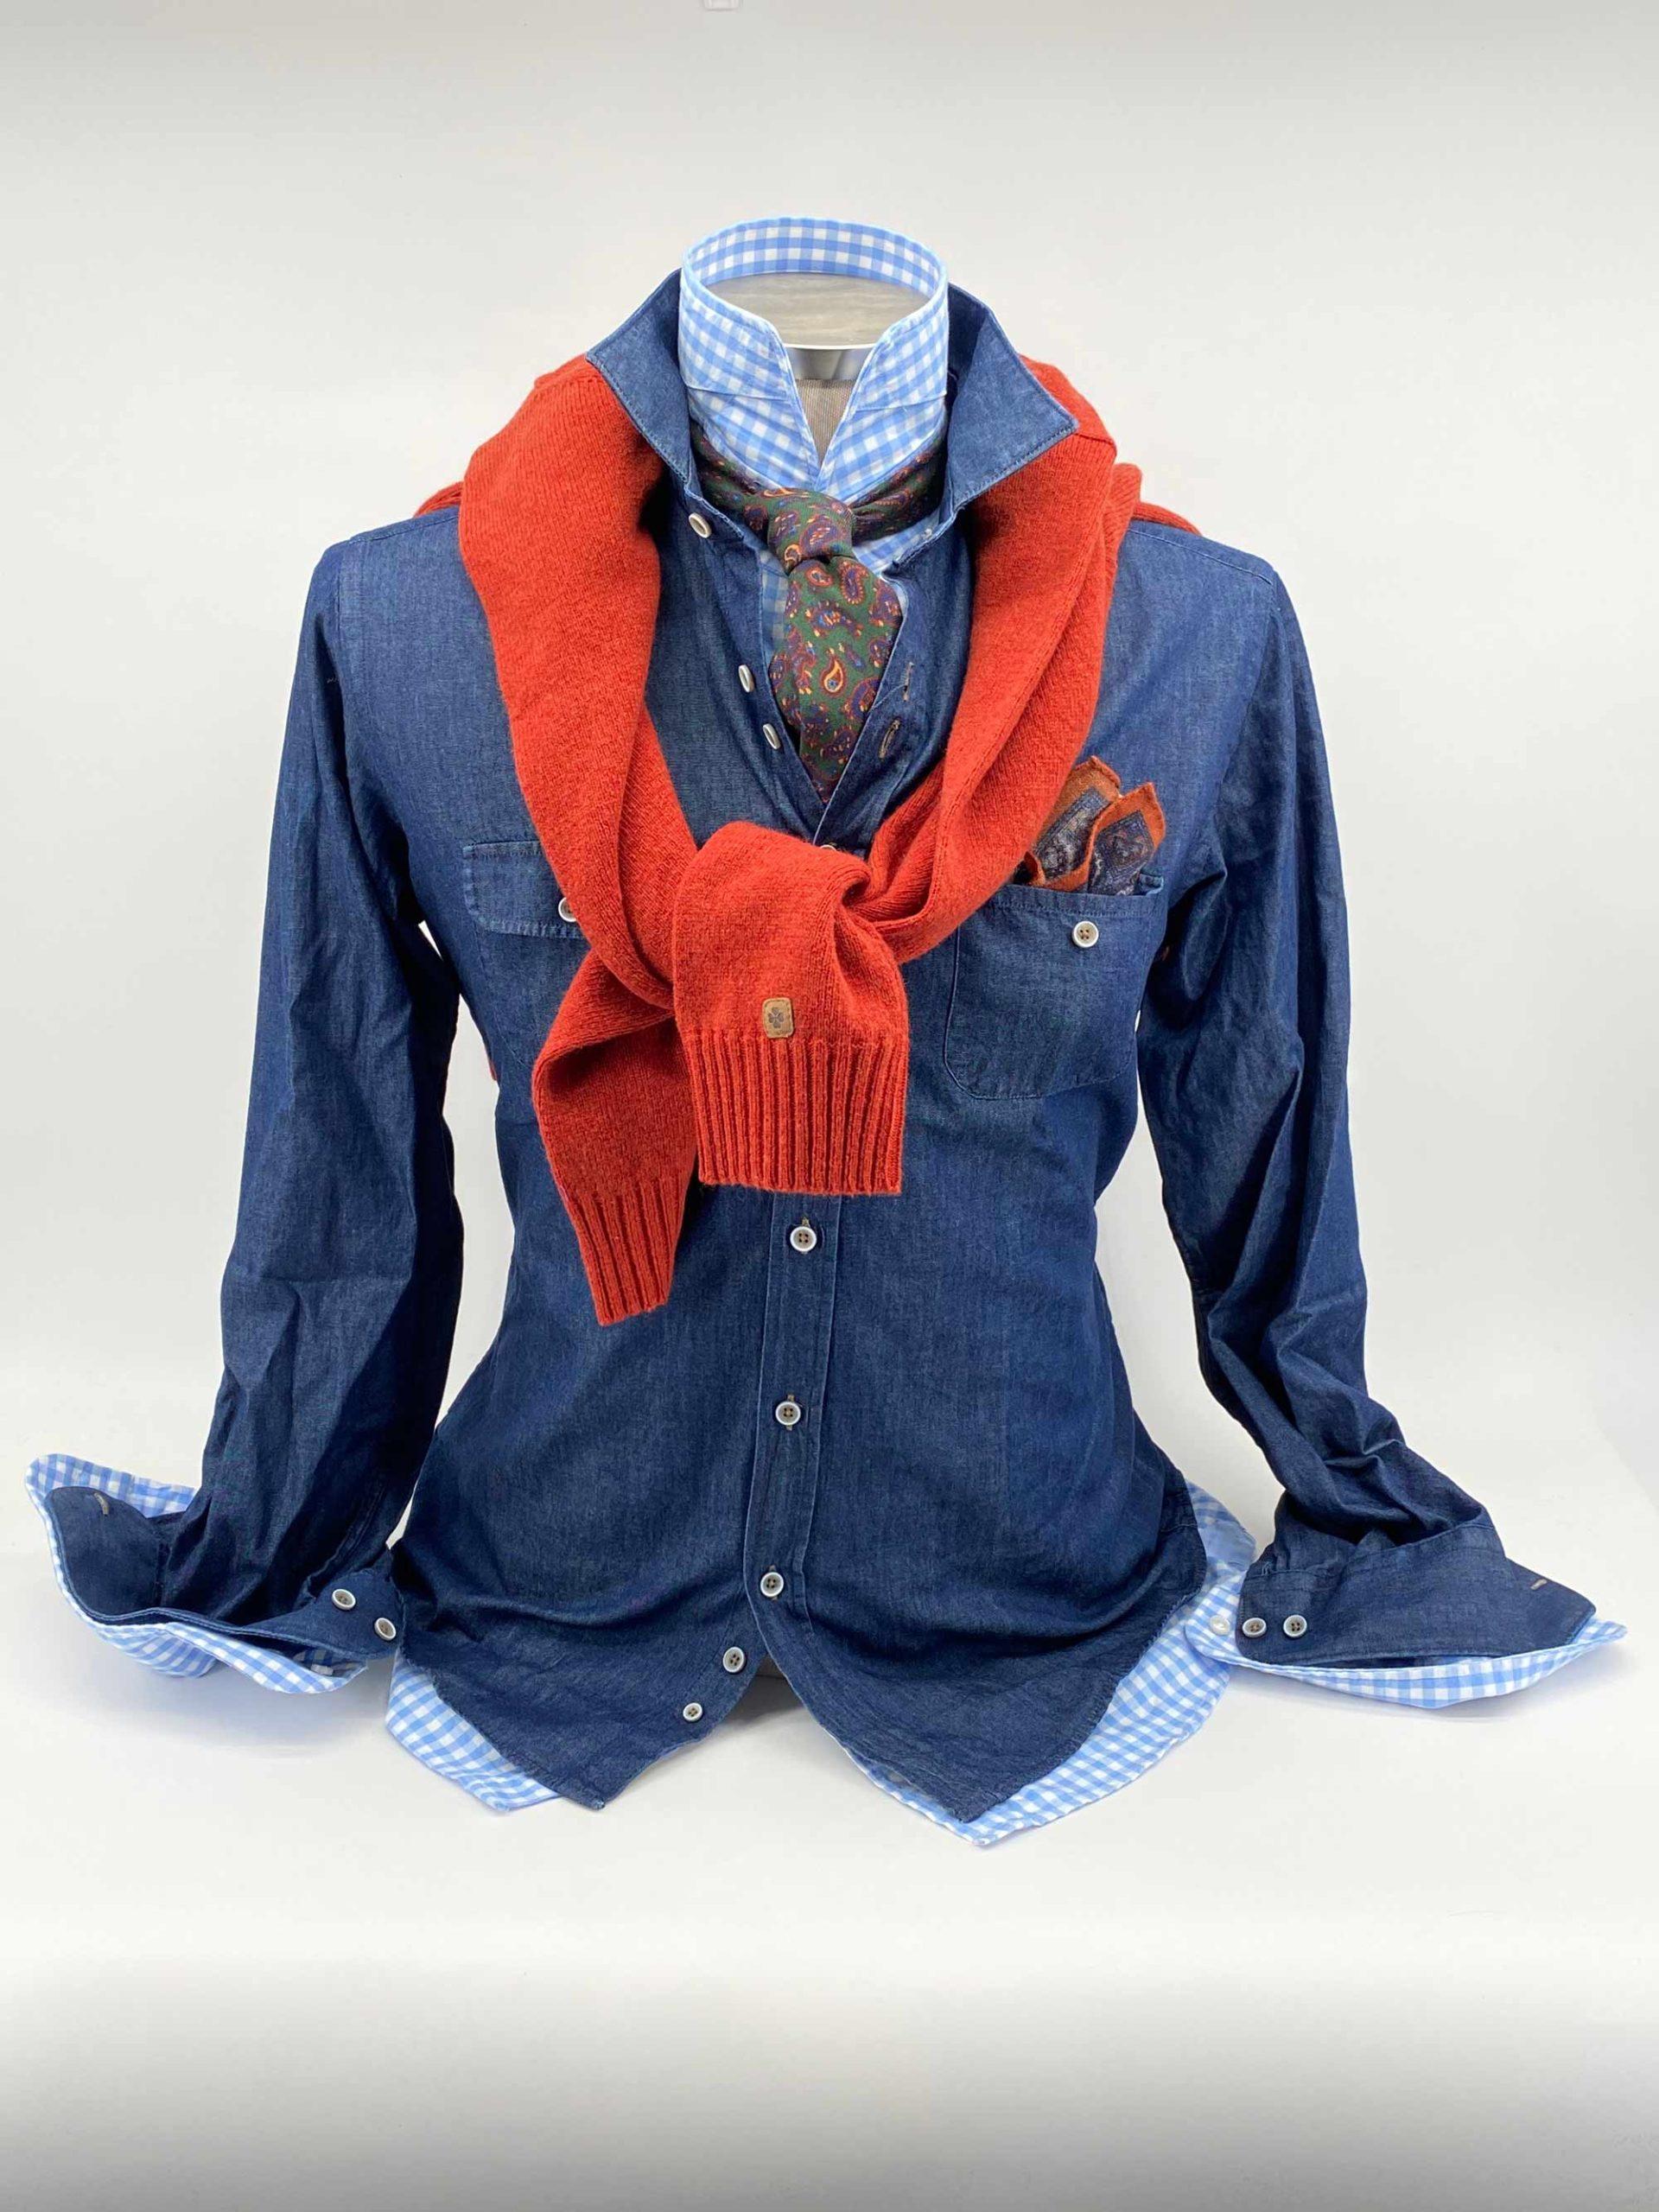 combinacion de otono camisas corbatas jerseis pashminas pochettes zapatos exclusivos buona fortuna comprar online moda italiana y made in spain